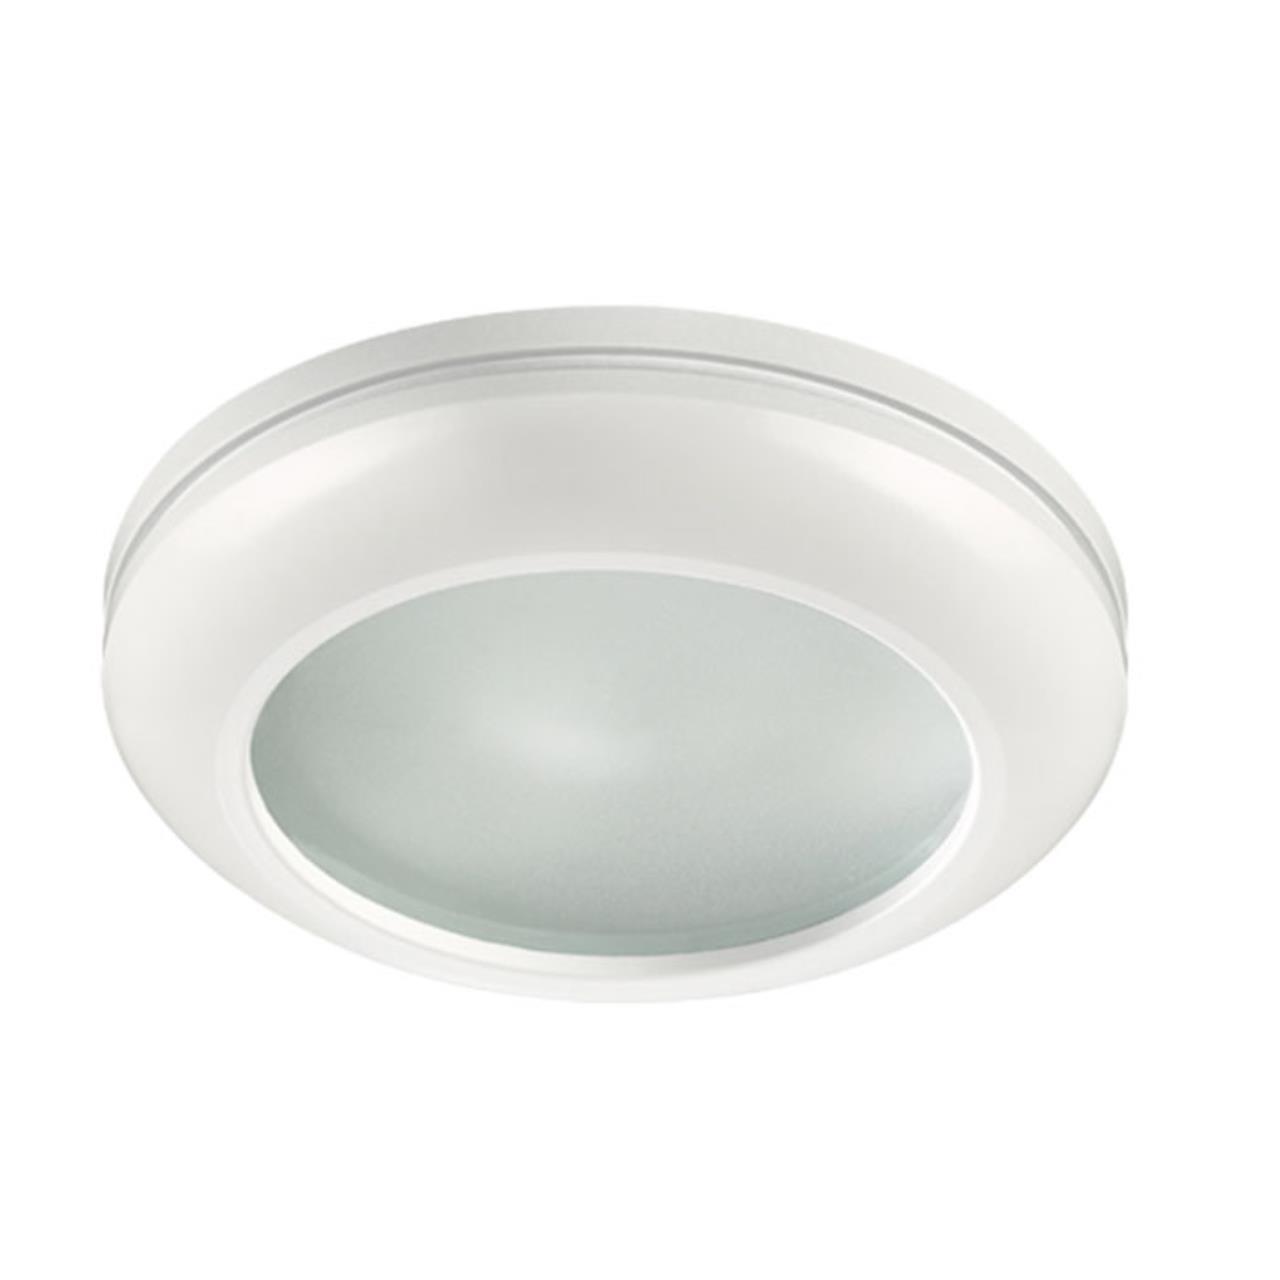 370387 SPOT NT18 139 белый Встраиваемый светильник GX5.3 50W 12V DAMLA